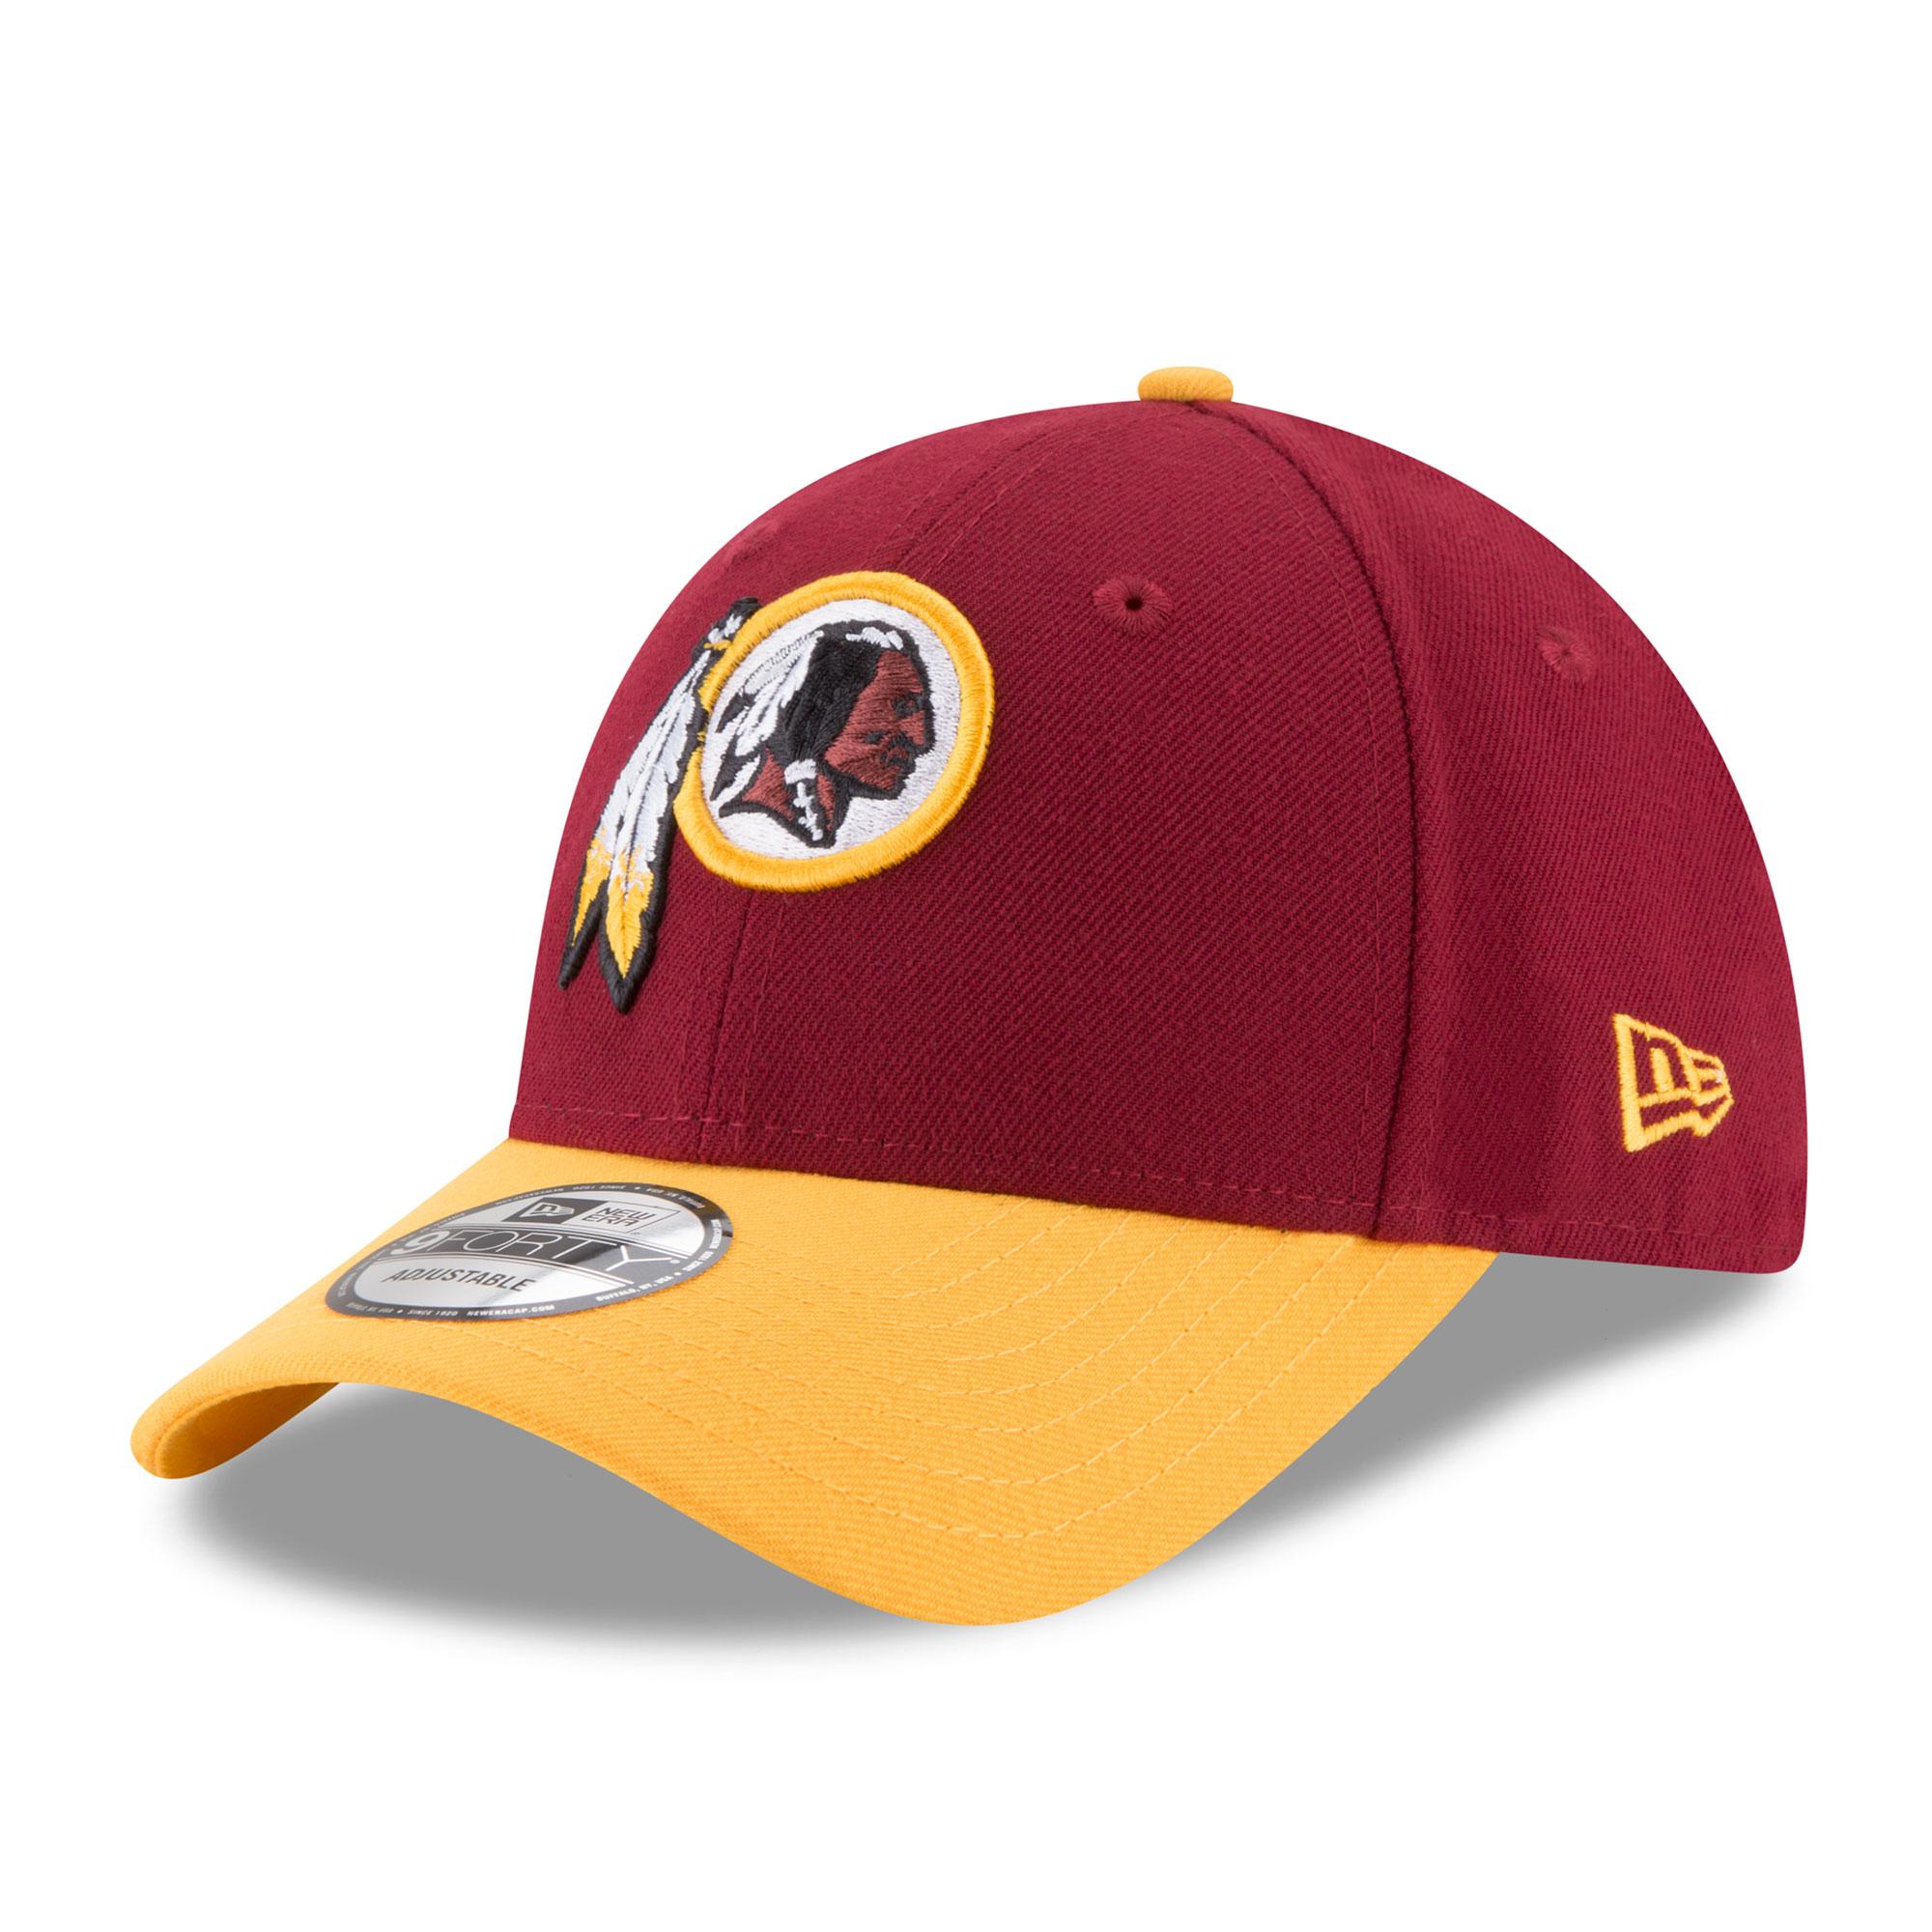 Washington Redskins New Era 9FORTY Kappe